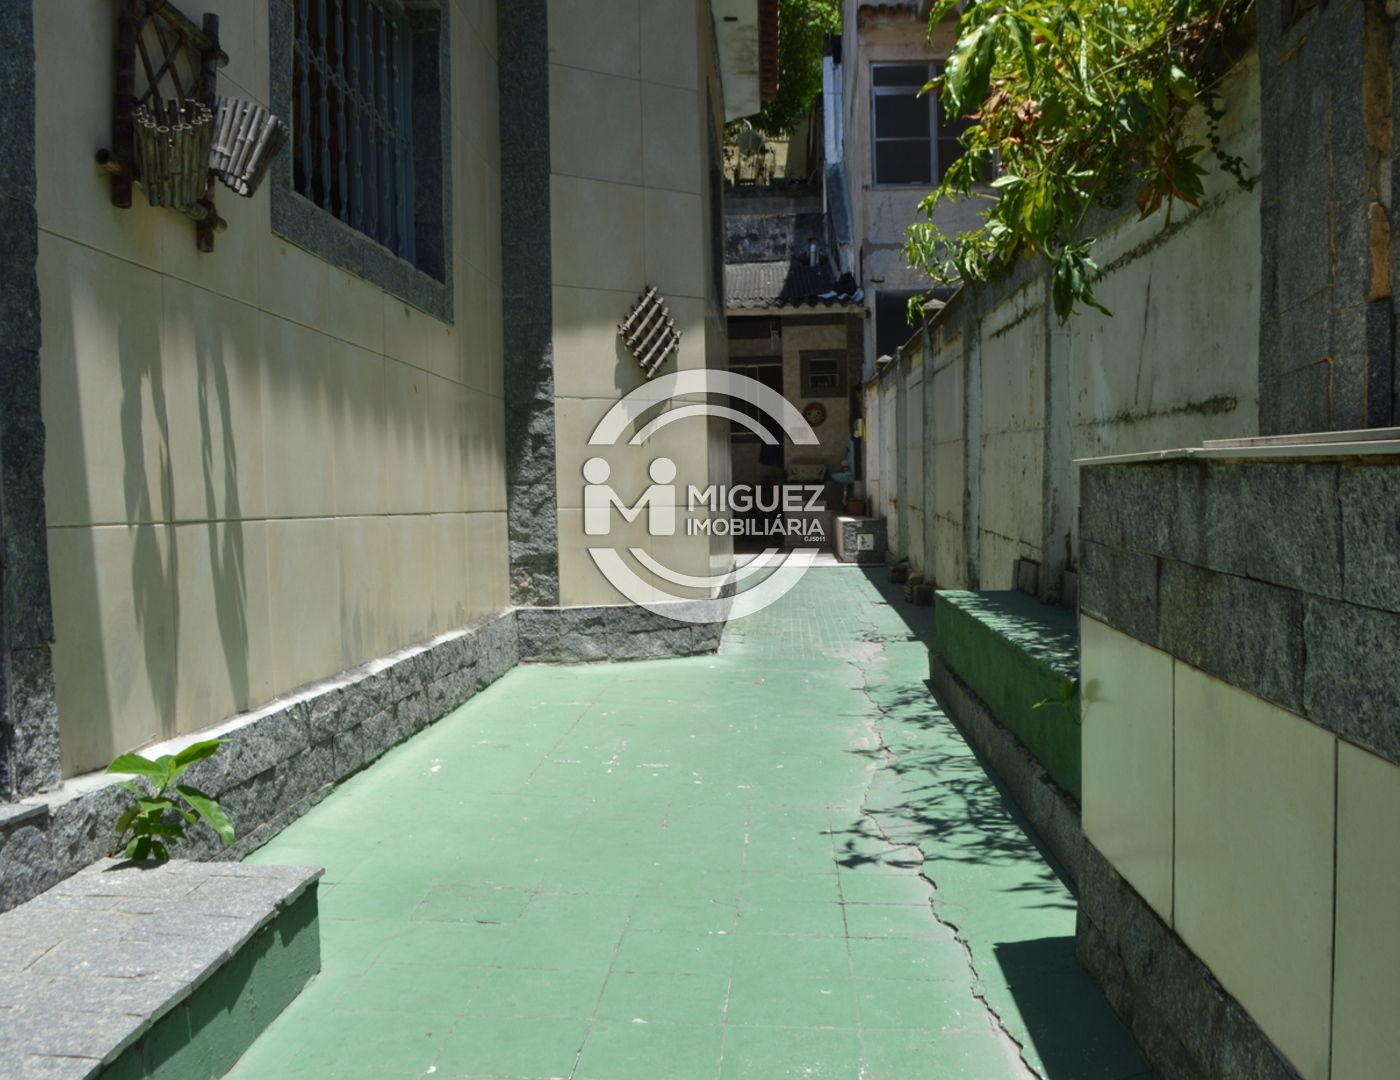 Casa, venda, Rua Sá Viana - Grajaú , Rio de janeiro